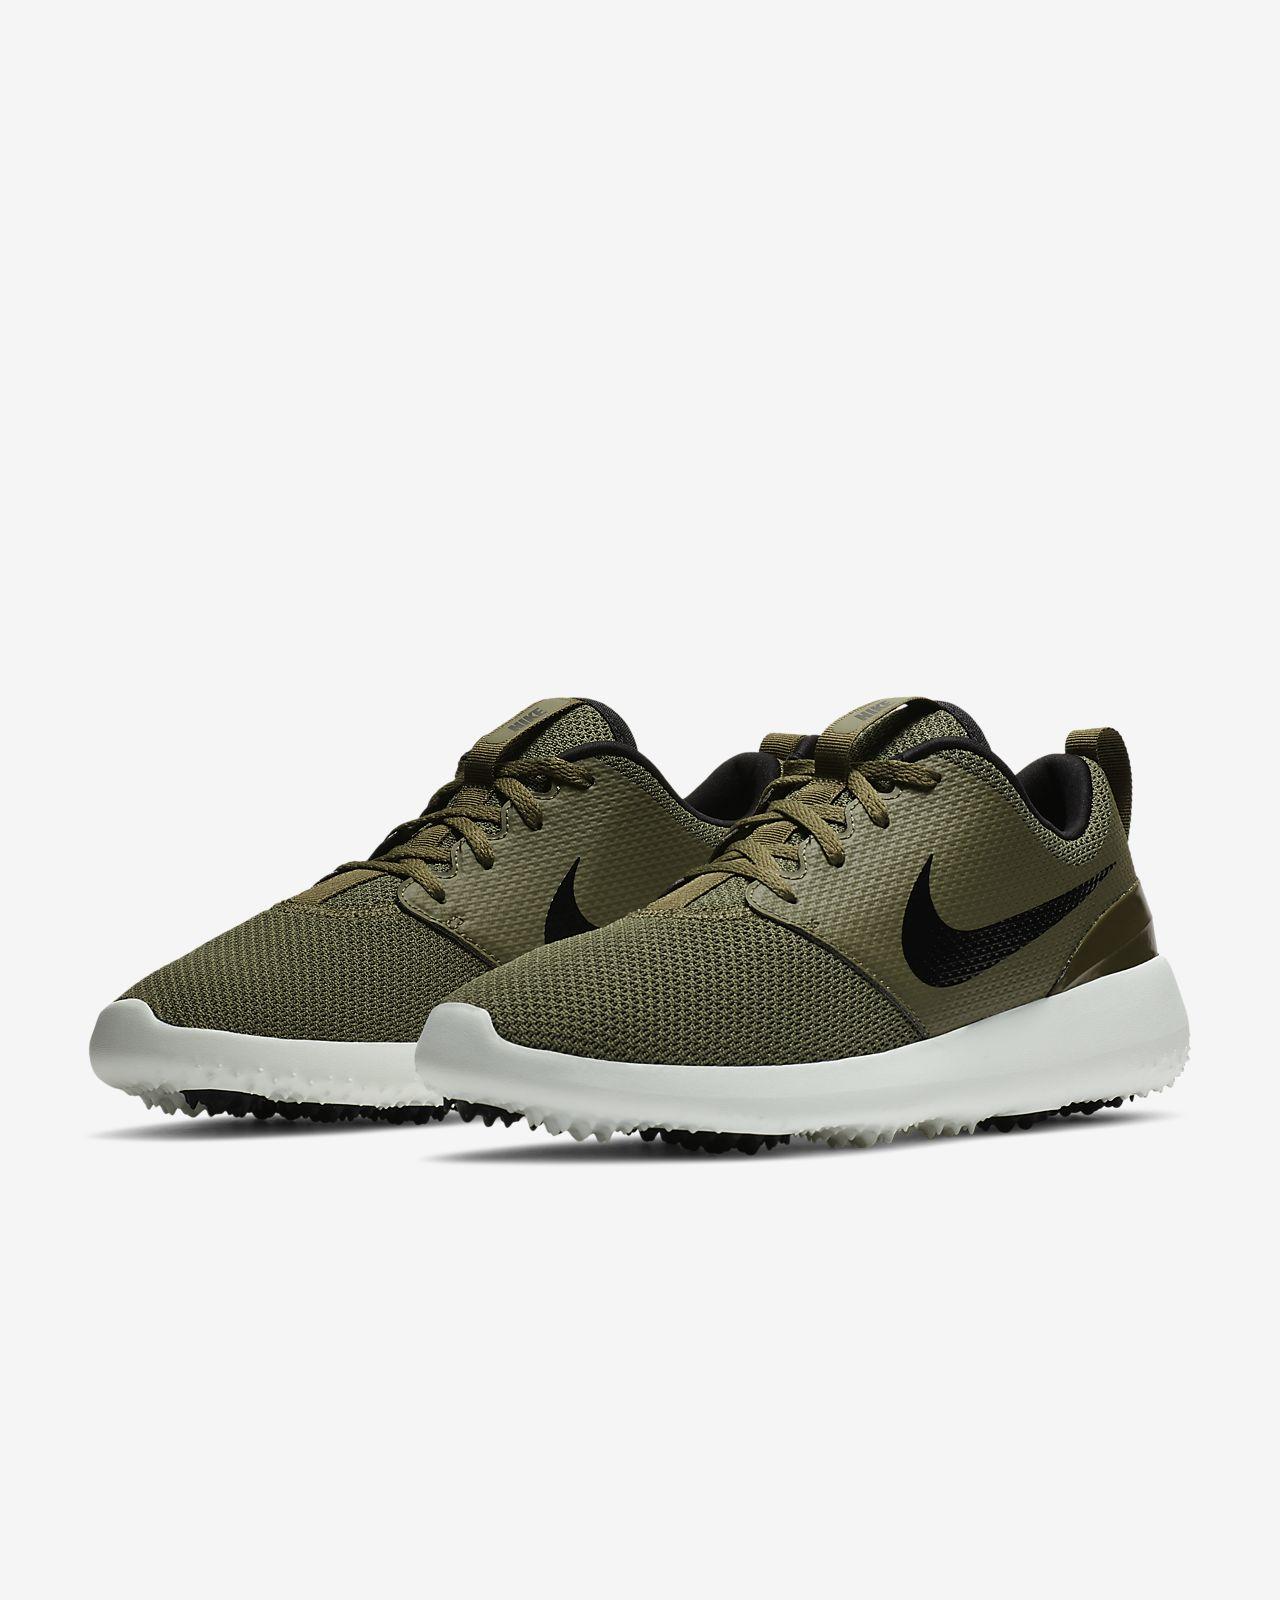 outlet store d89b2 f990c ... Nike Roshe G Men s Golf Shoe